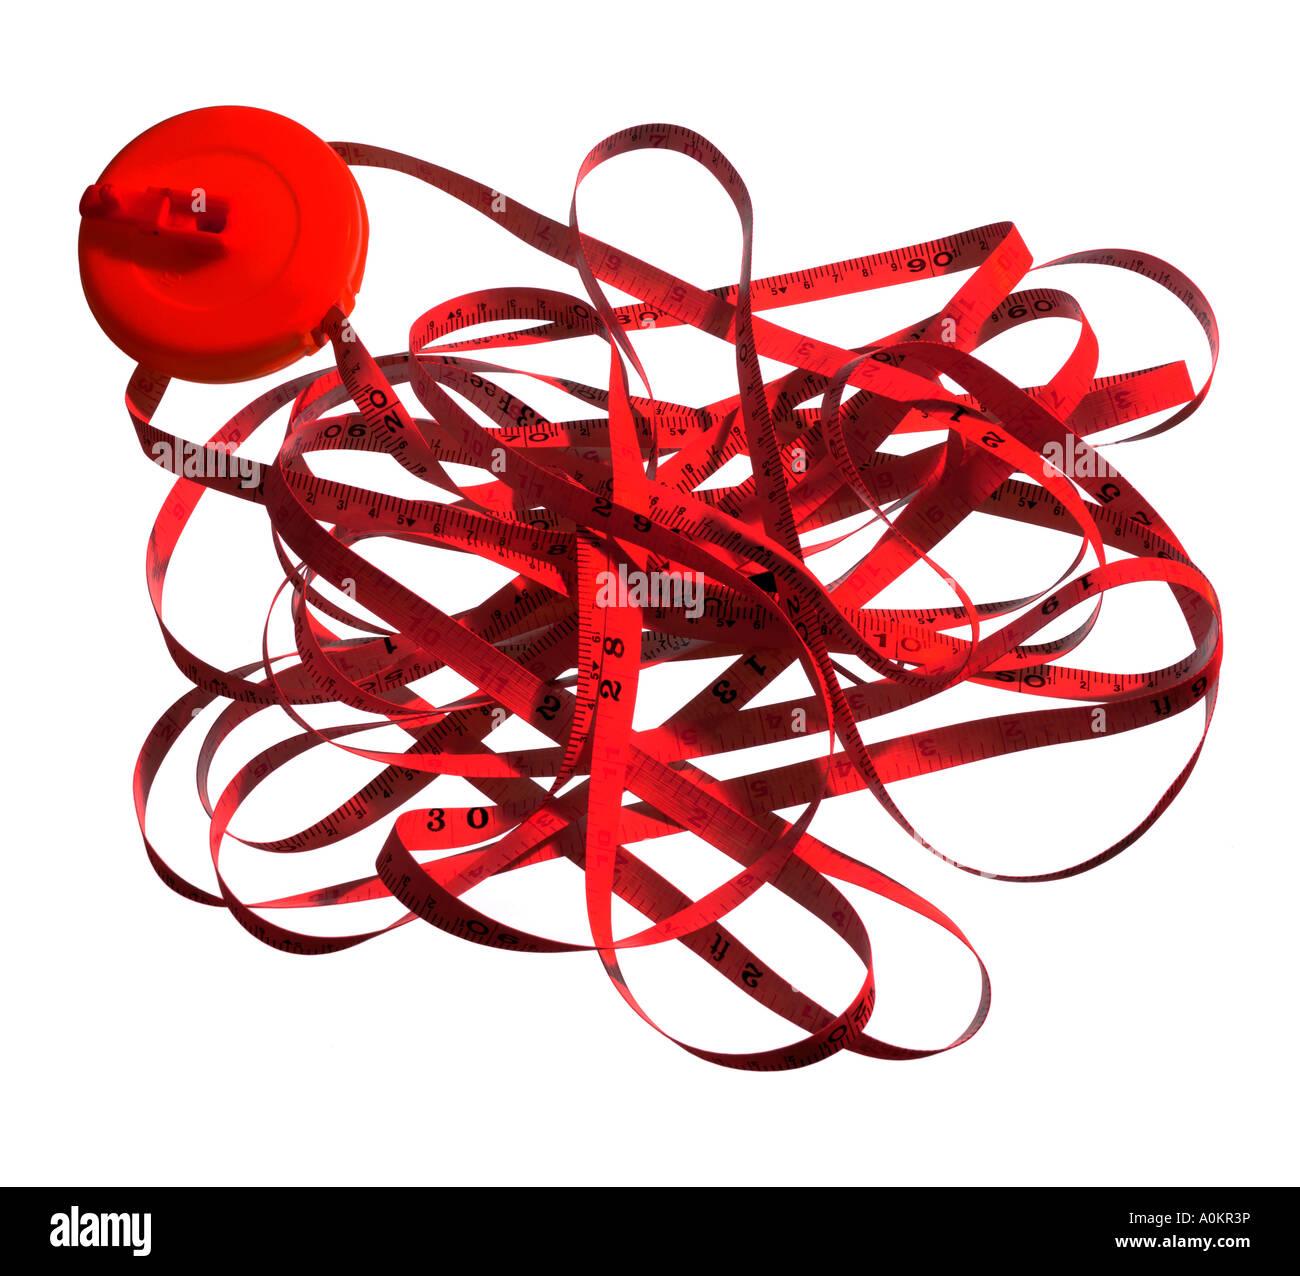 Nastro rosso concetto o metafora Immagini Stock